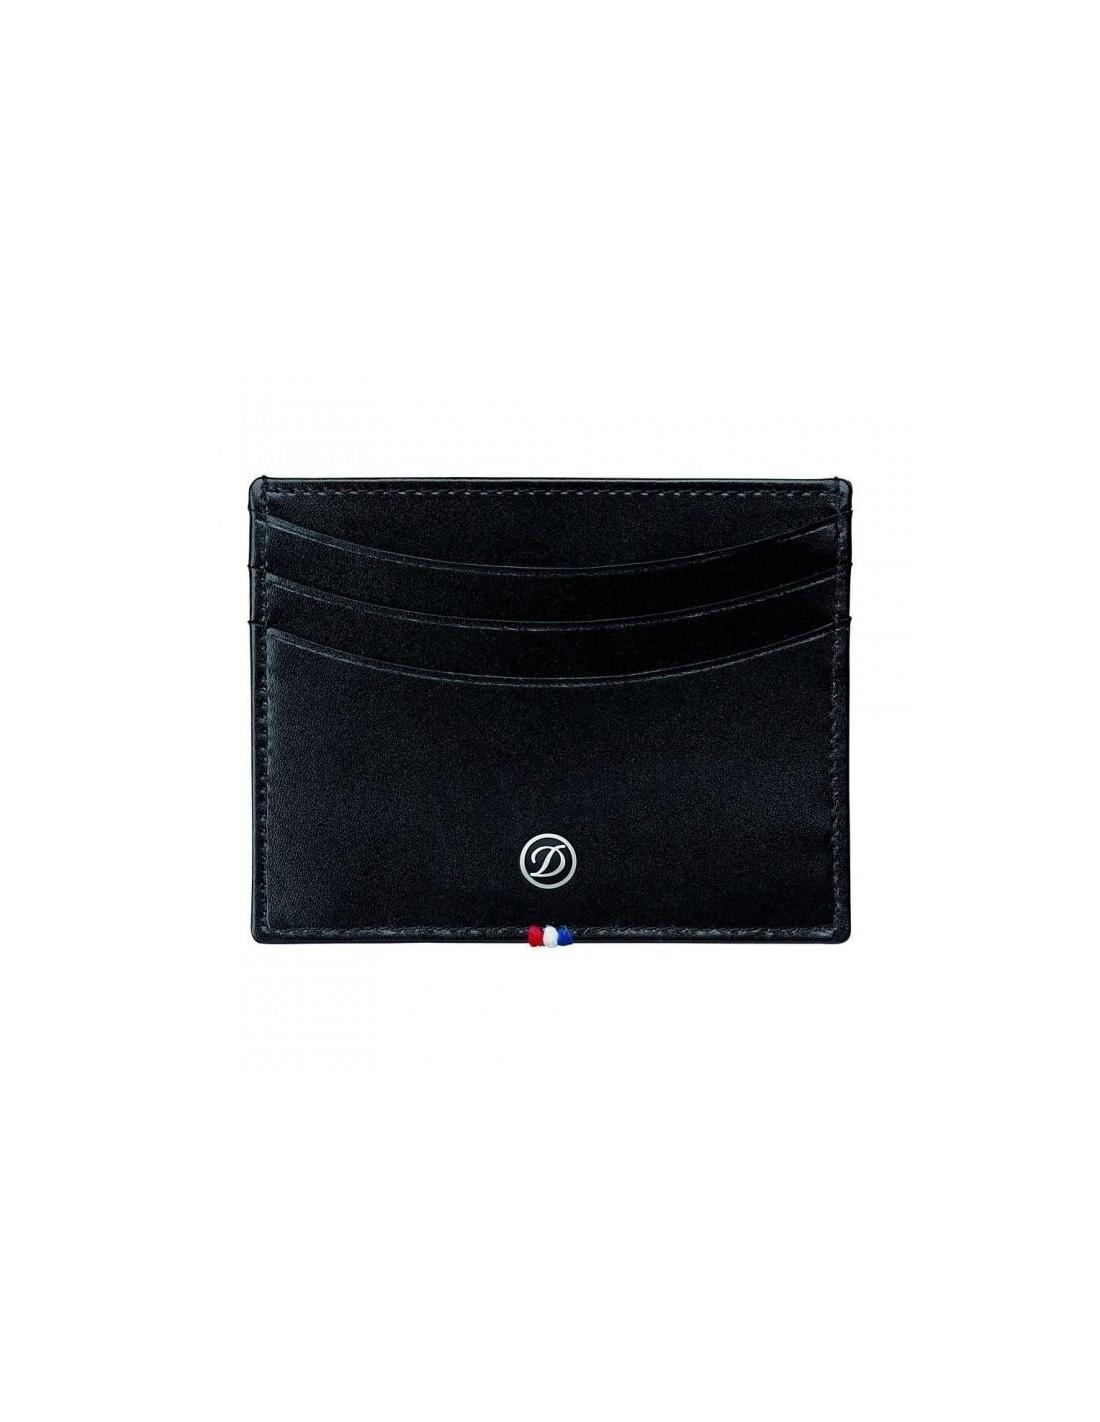 S.T. Dupont Line D Credit Card Holder Black| ExclusivePen ...